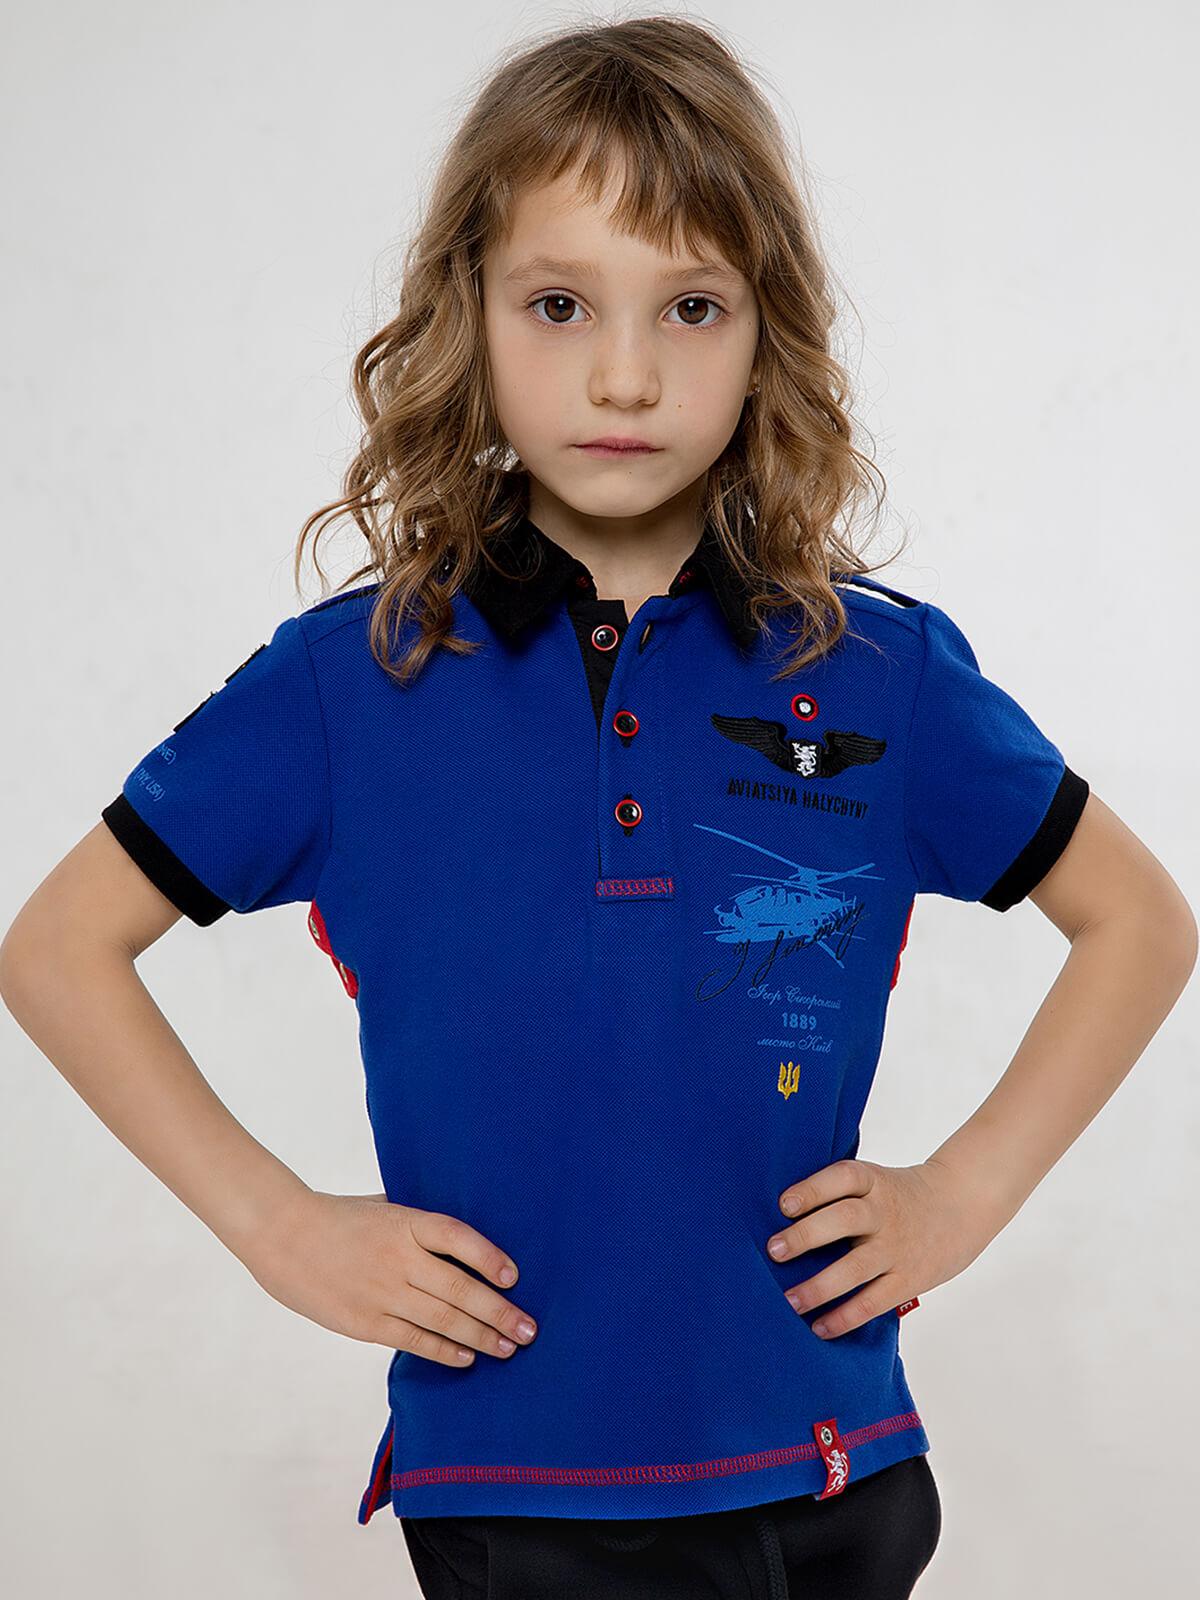 Дитяче Поло Sikorsky. Колір синій. Поло: унісекс, добре пасує і хлопцям, і дівчатам.